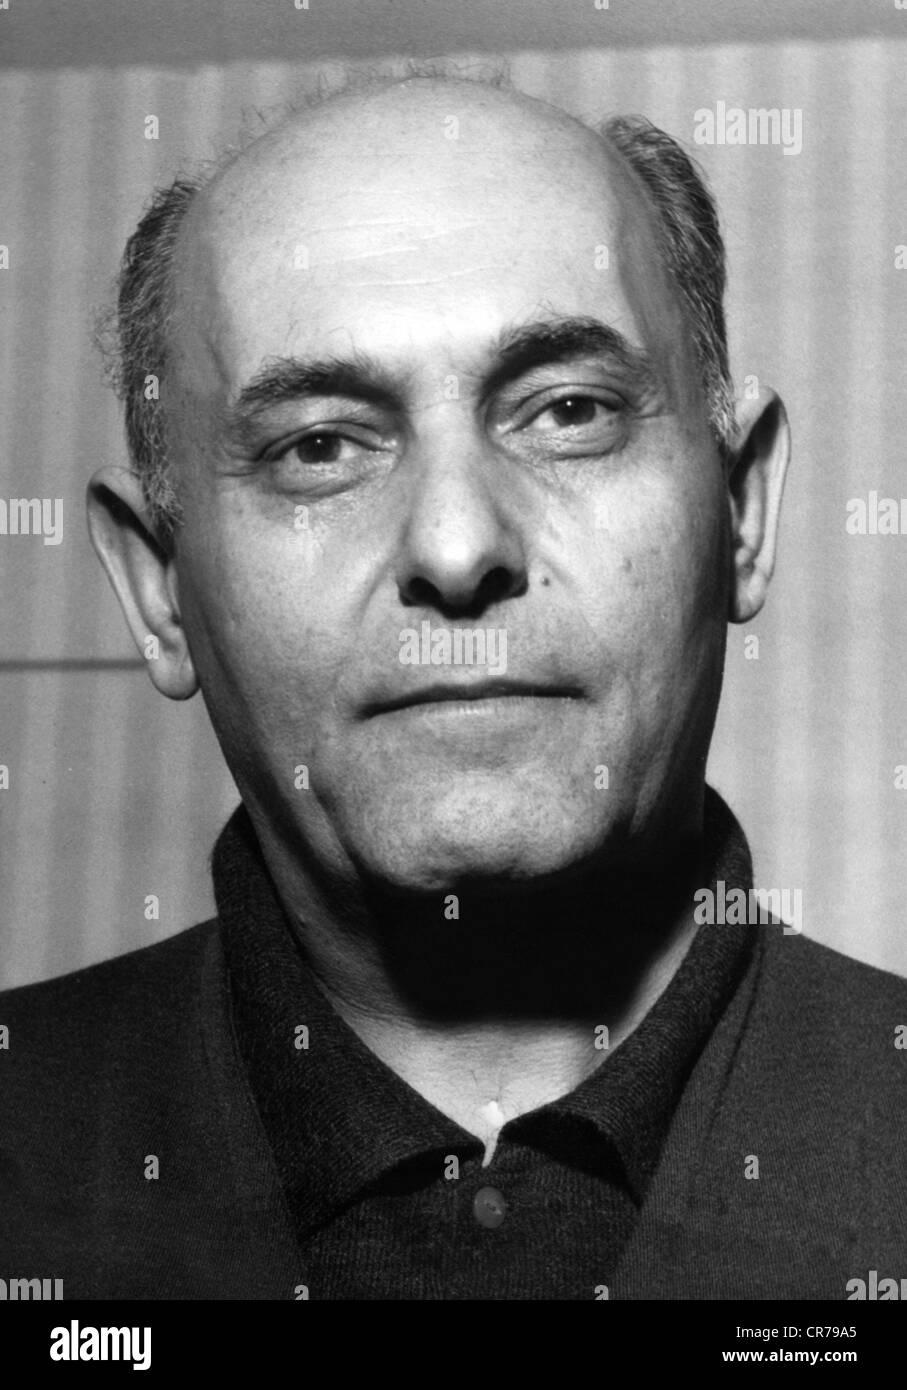 Solti, Georg, 21.10.1912 - 5.9.1997, britischer Dirigent ungarischer Herkunft, Porträt, ca. 1960er Jahre, Musiker, Stockbild